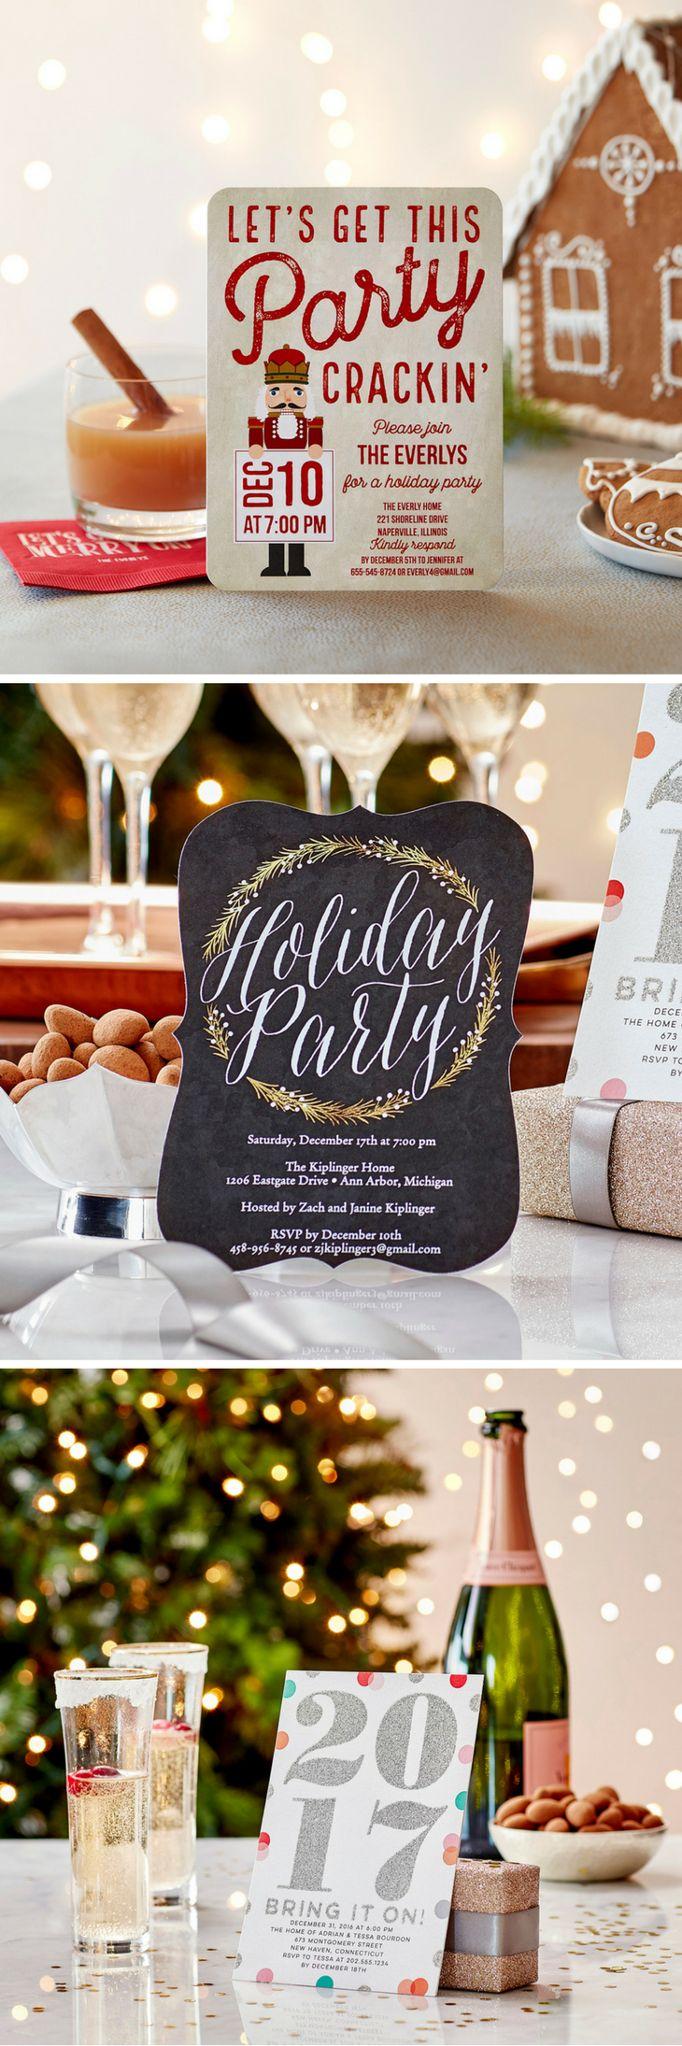 Create custom holiday party invitations + photo Christmas party invitations at Tiny Prints.